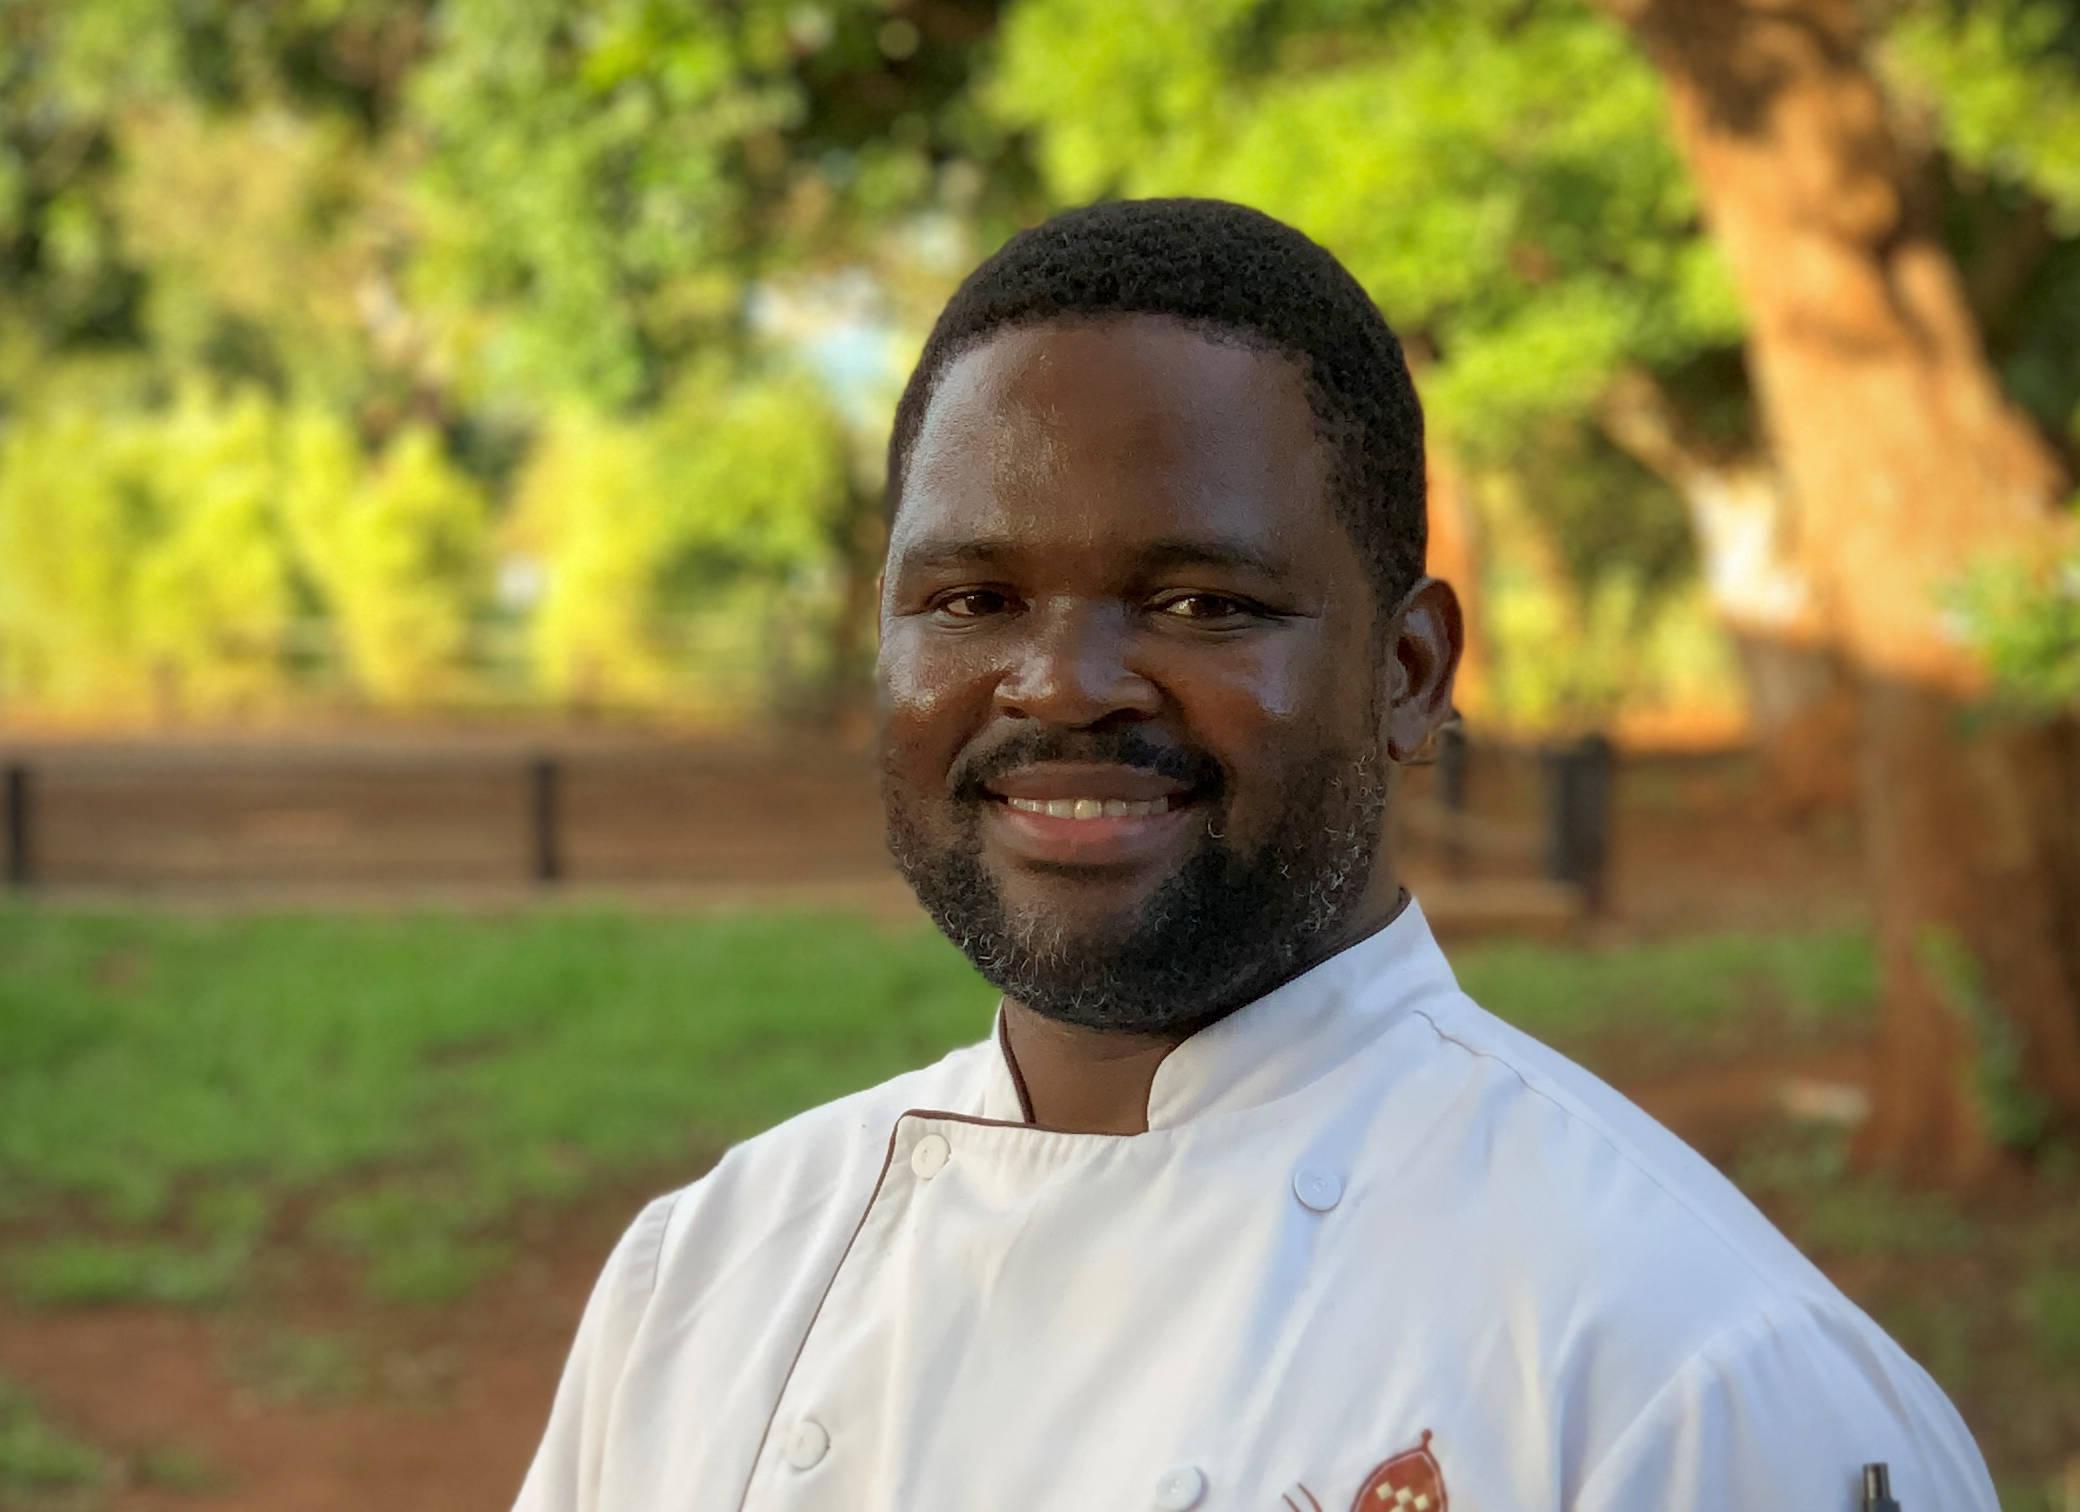 Phathwa Mdlalose